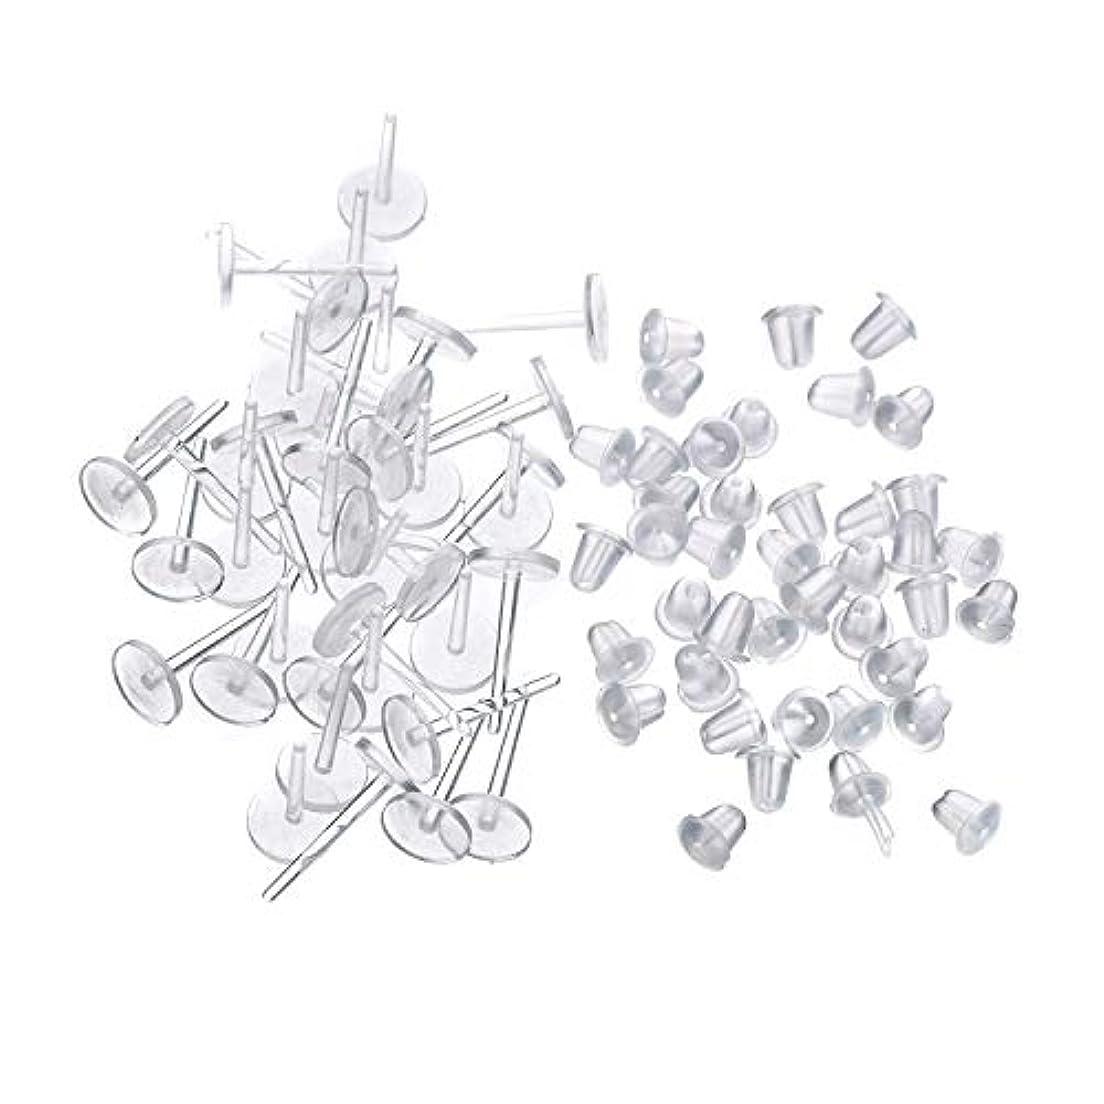 起きろ応援する故障シークレットピアス 樹脂透明ピアス 金属アレルギーフリー ピアスホール,20セット